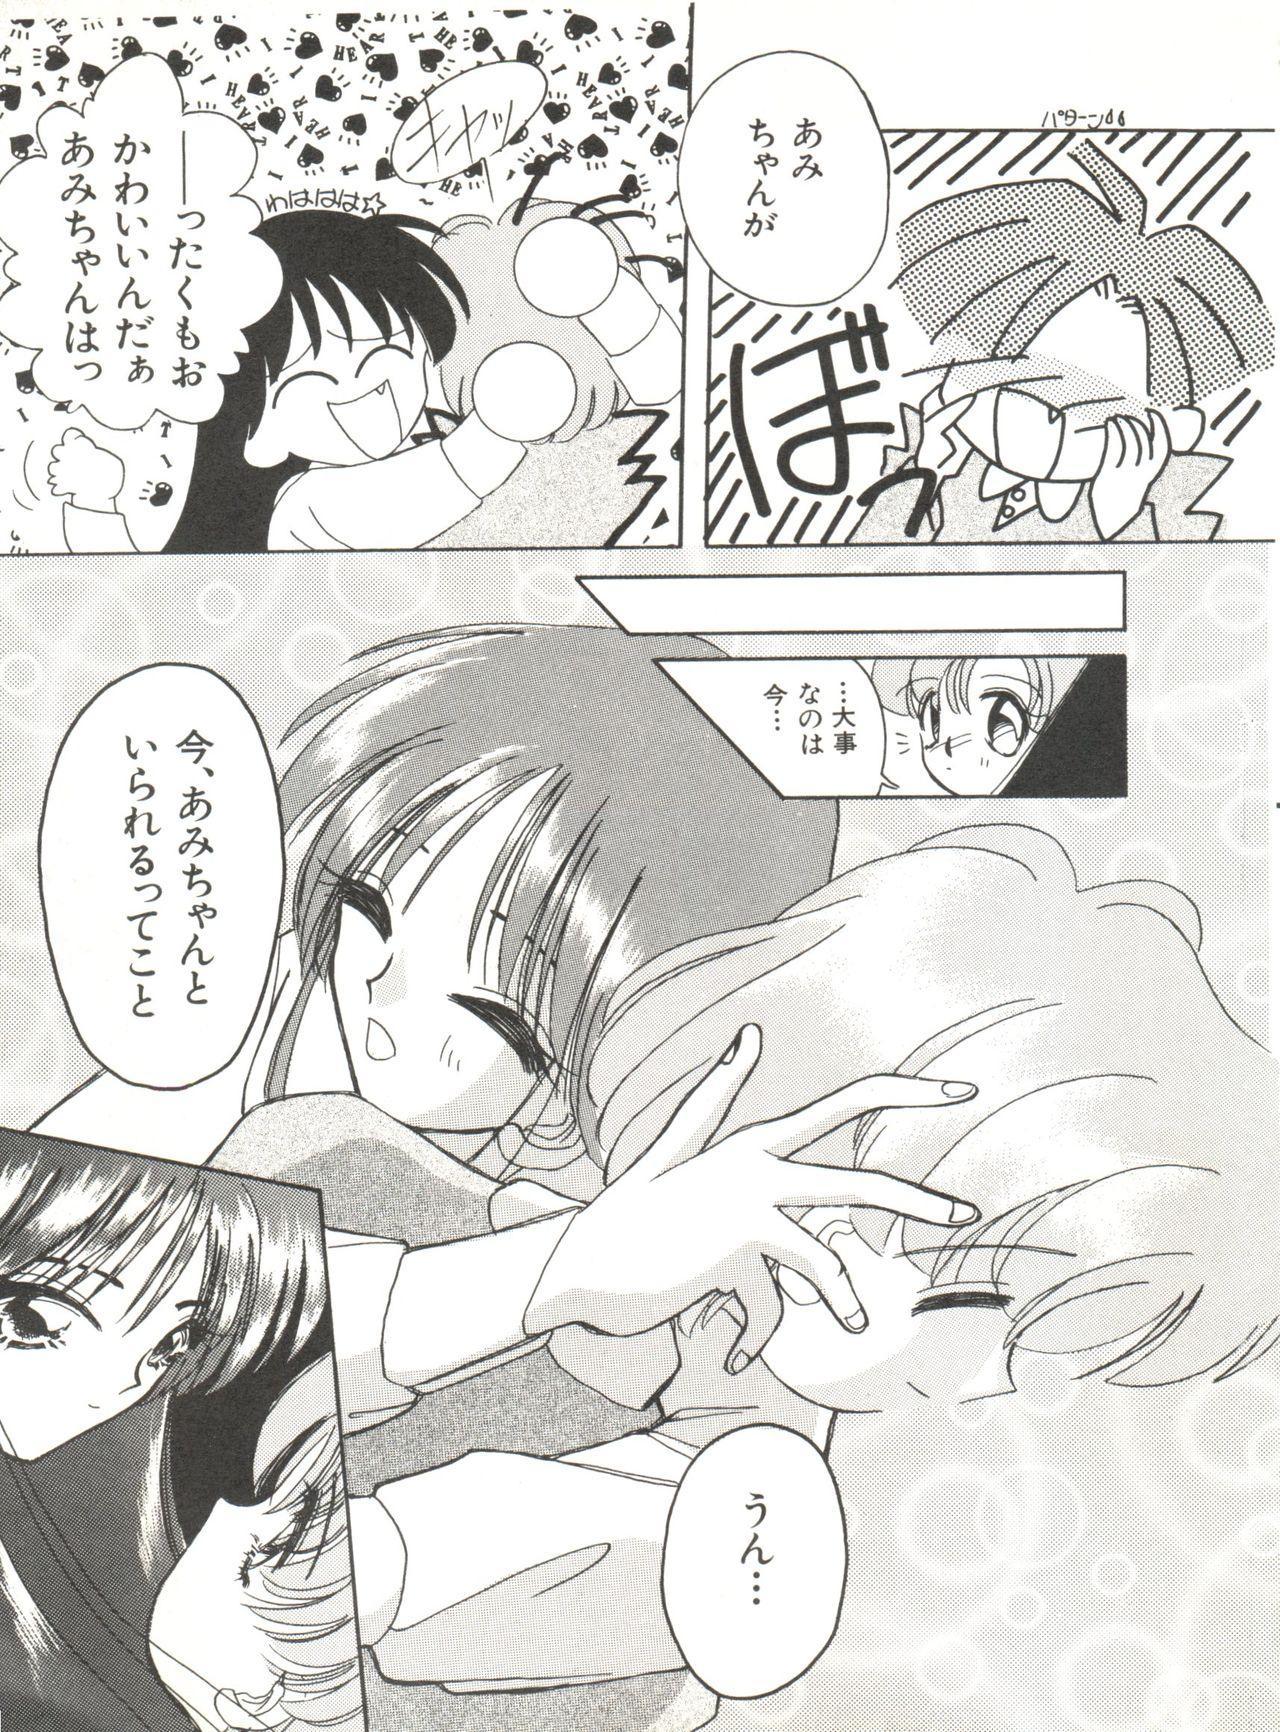 Bishoujo Doujinshi Anthology 12 - Moon Paradise 7 Tsuki no Rakuen 89